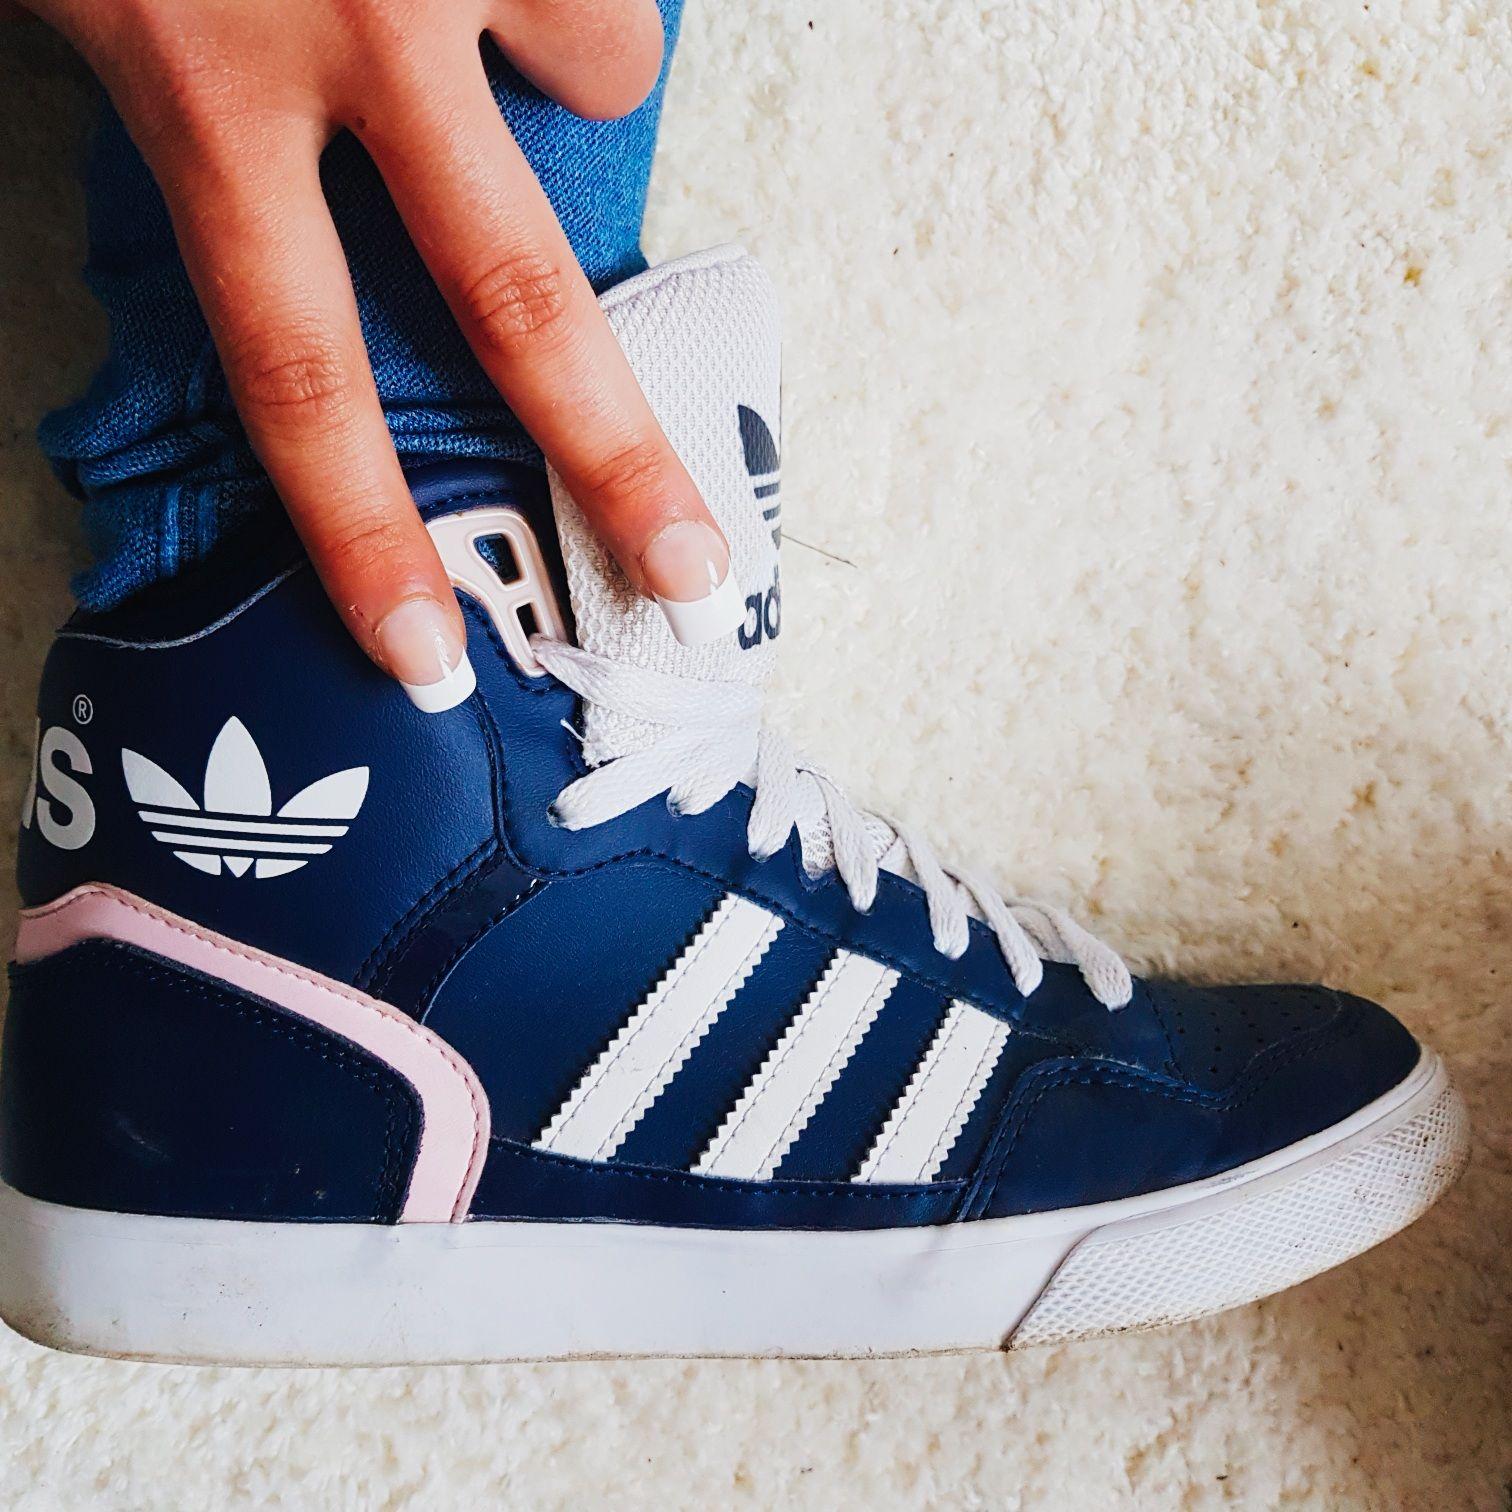 Adidas Extraball Damenschuhe